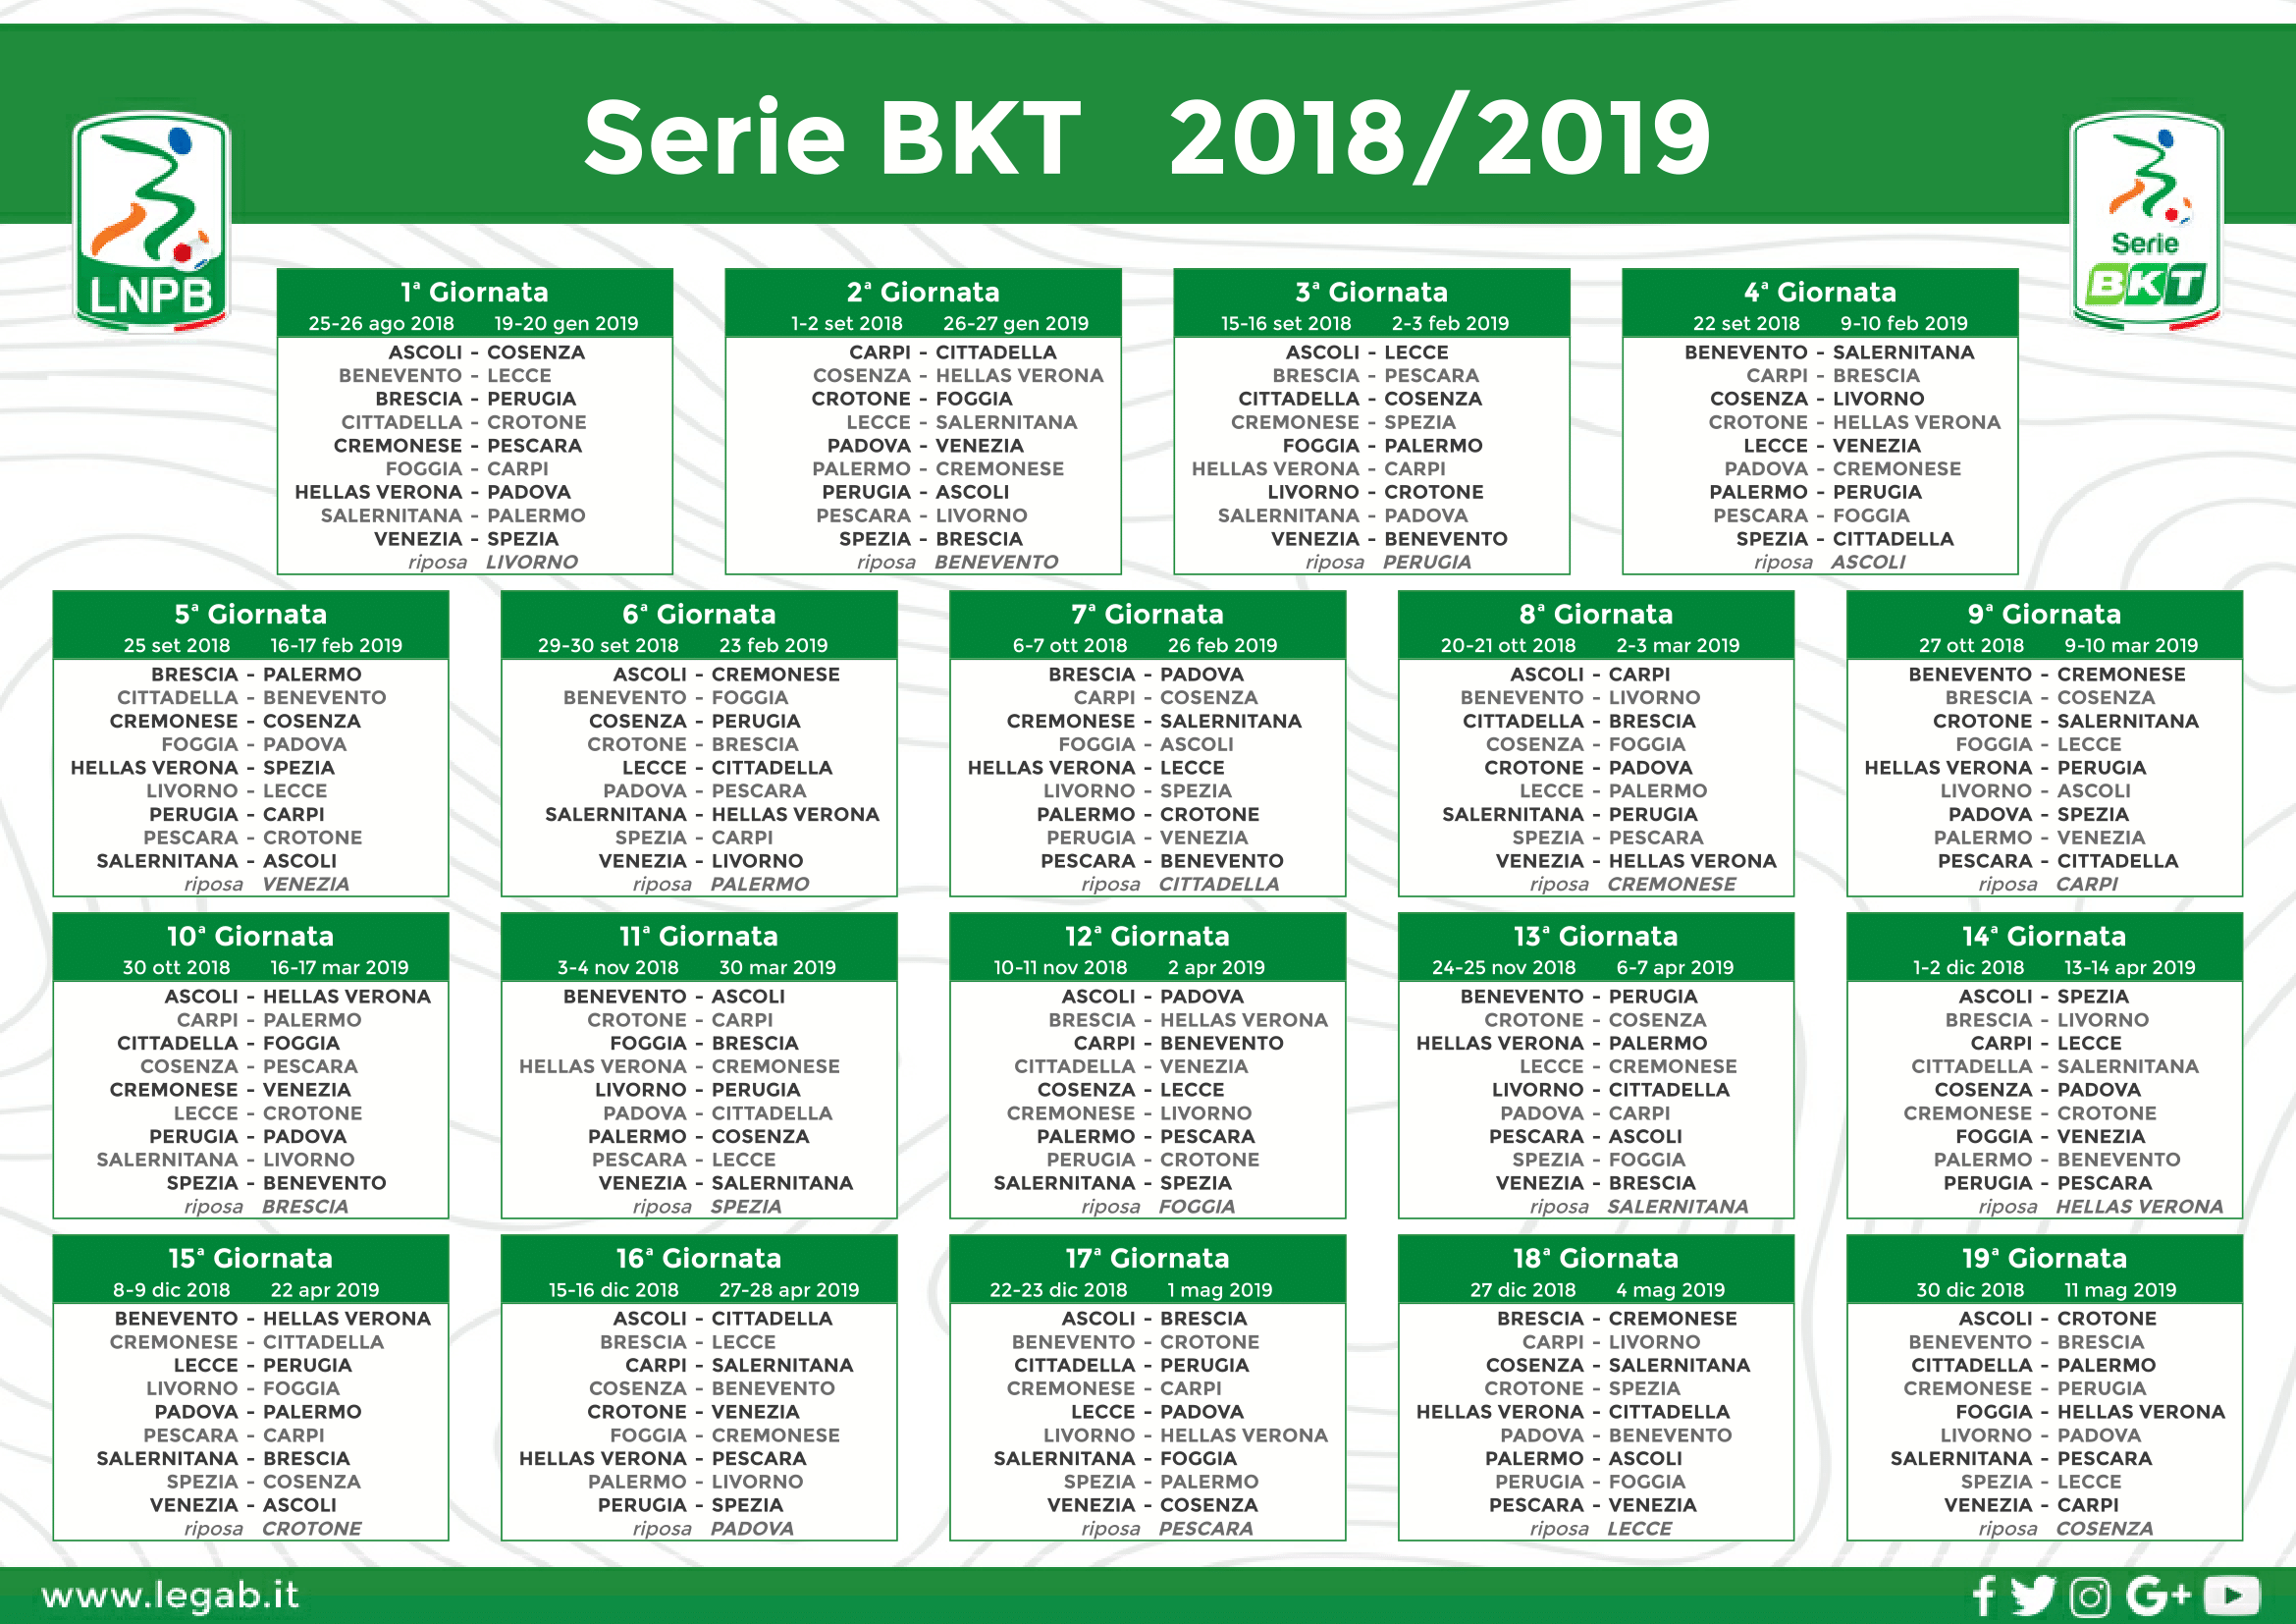 Calendario 15 Giornata Serie A.Serie B Varato Il Calendario Si Parte In Trasferta Con Il